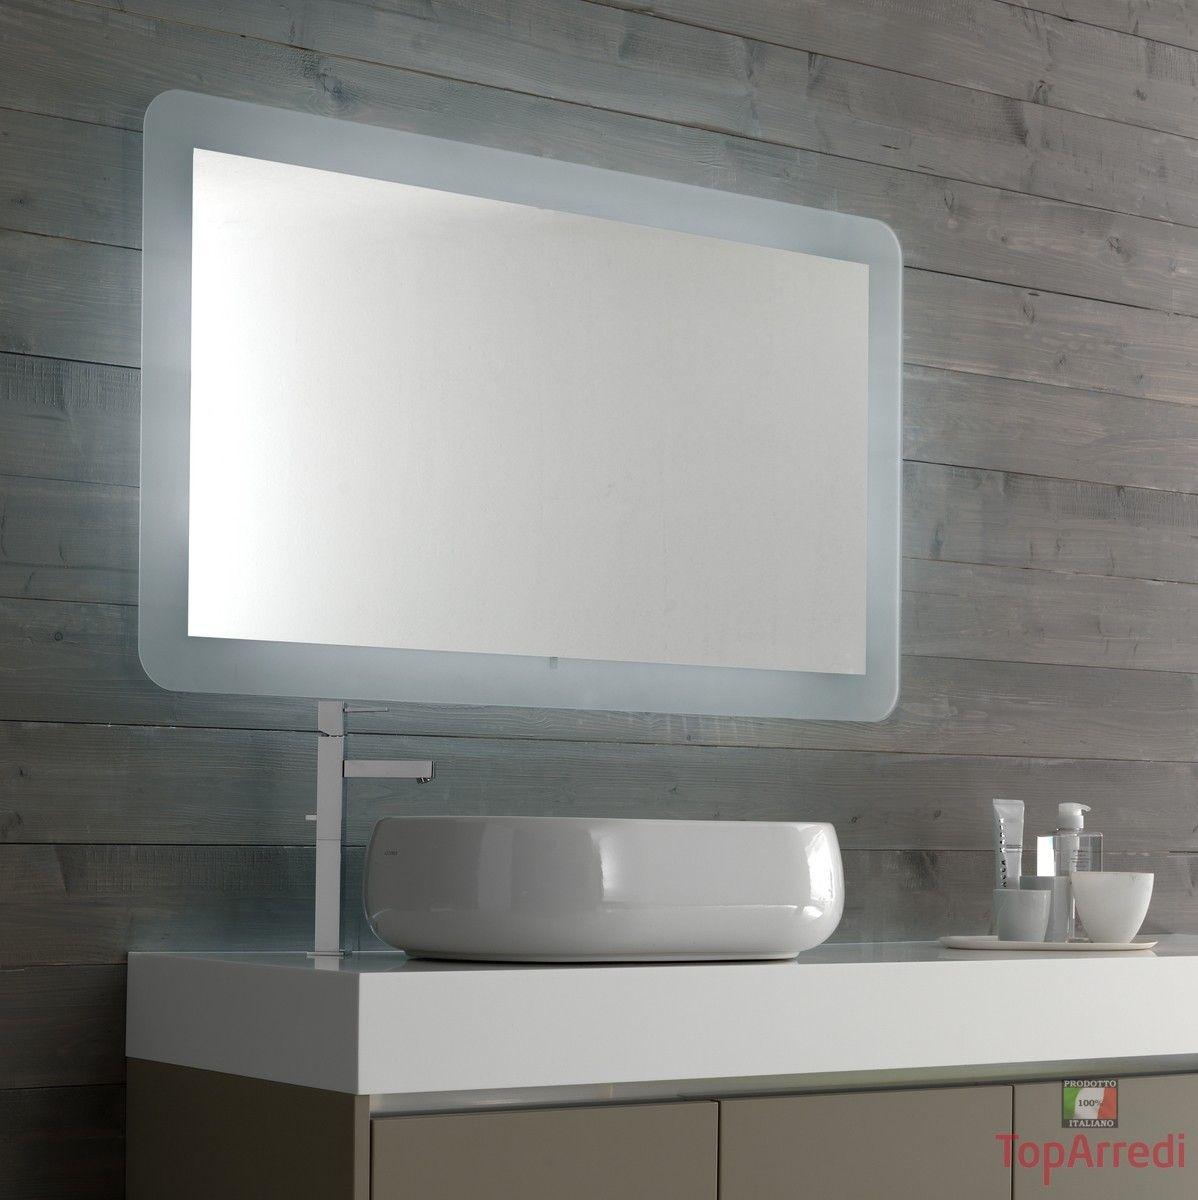 Specchi cornici moderna per bagno - Specchi da bagno ...